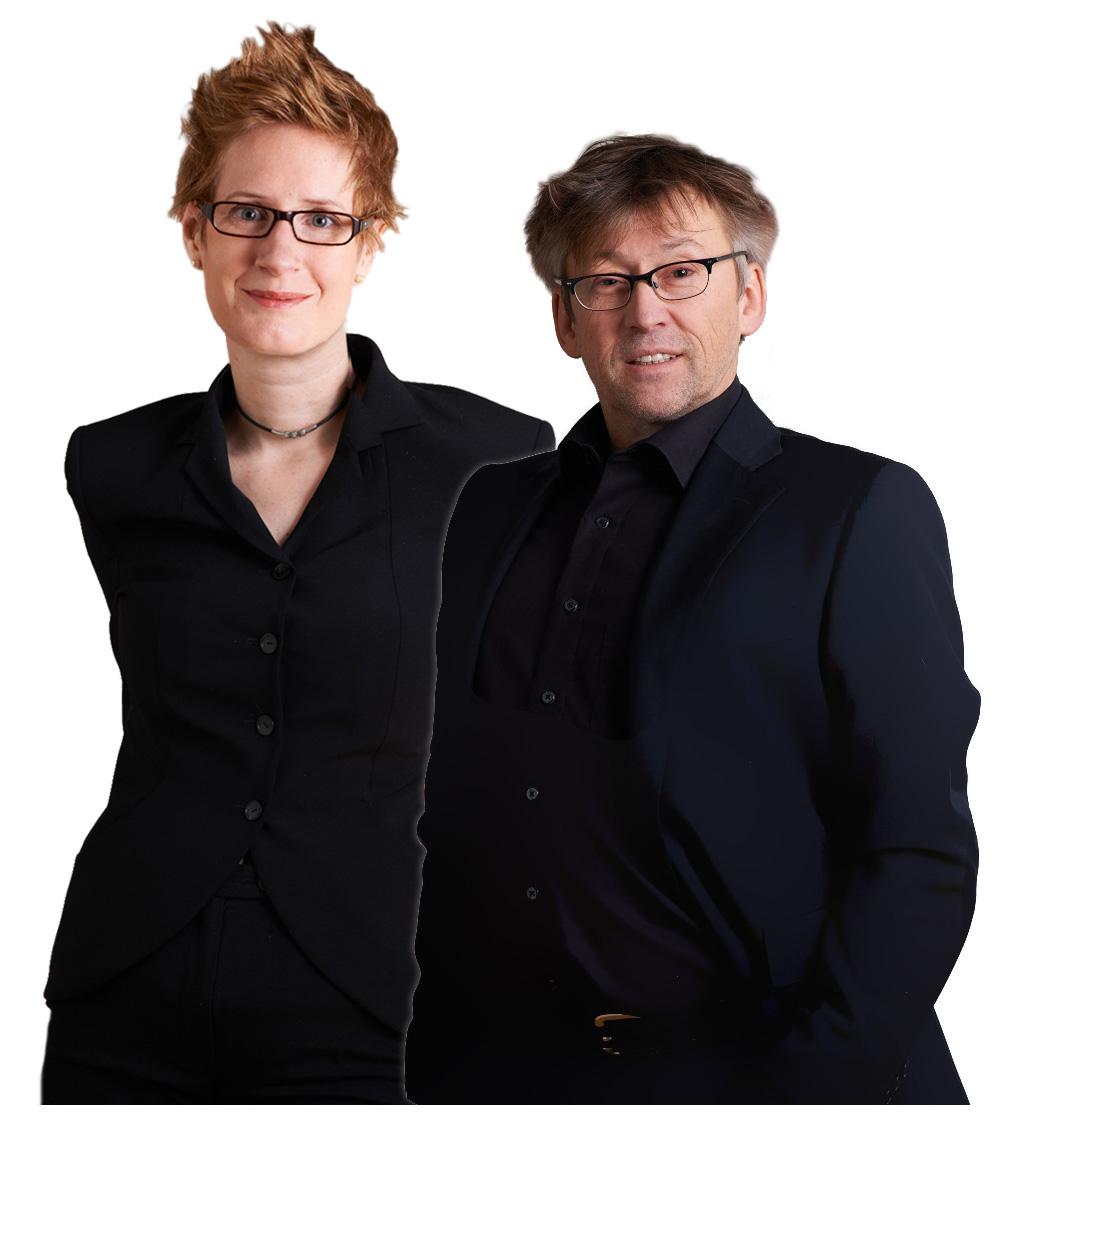 Business-Portraits, Industriefotografie, Produktfotos, Werbefotografie, Firmen-Reportagen von Heike Röhrup und Friedrich Schöllmann